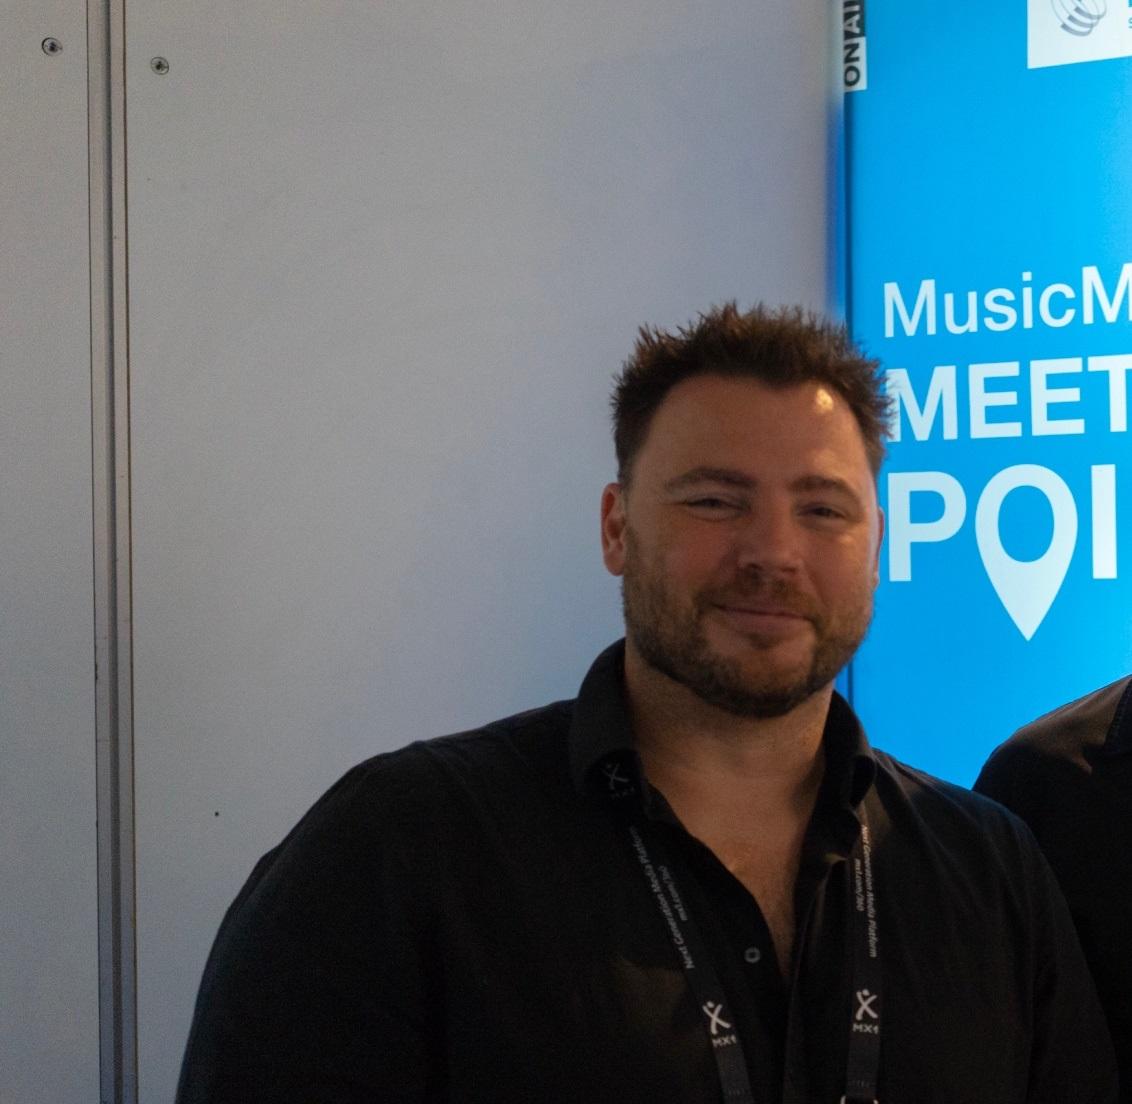 music master - Radio 4.0. MusicMaster sposa i brand bouquet: entro 5 anni la radio sarà molto diversa. Dal broadcasting all'egocasting